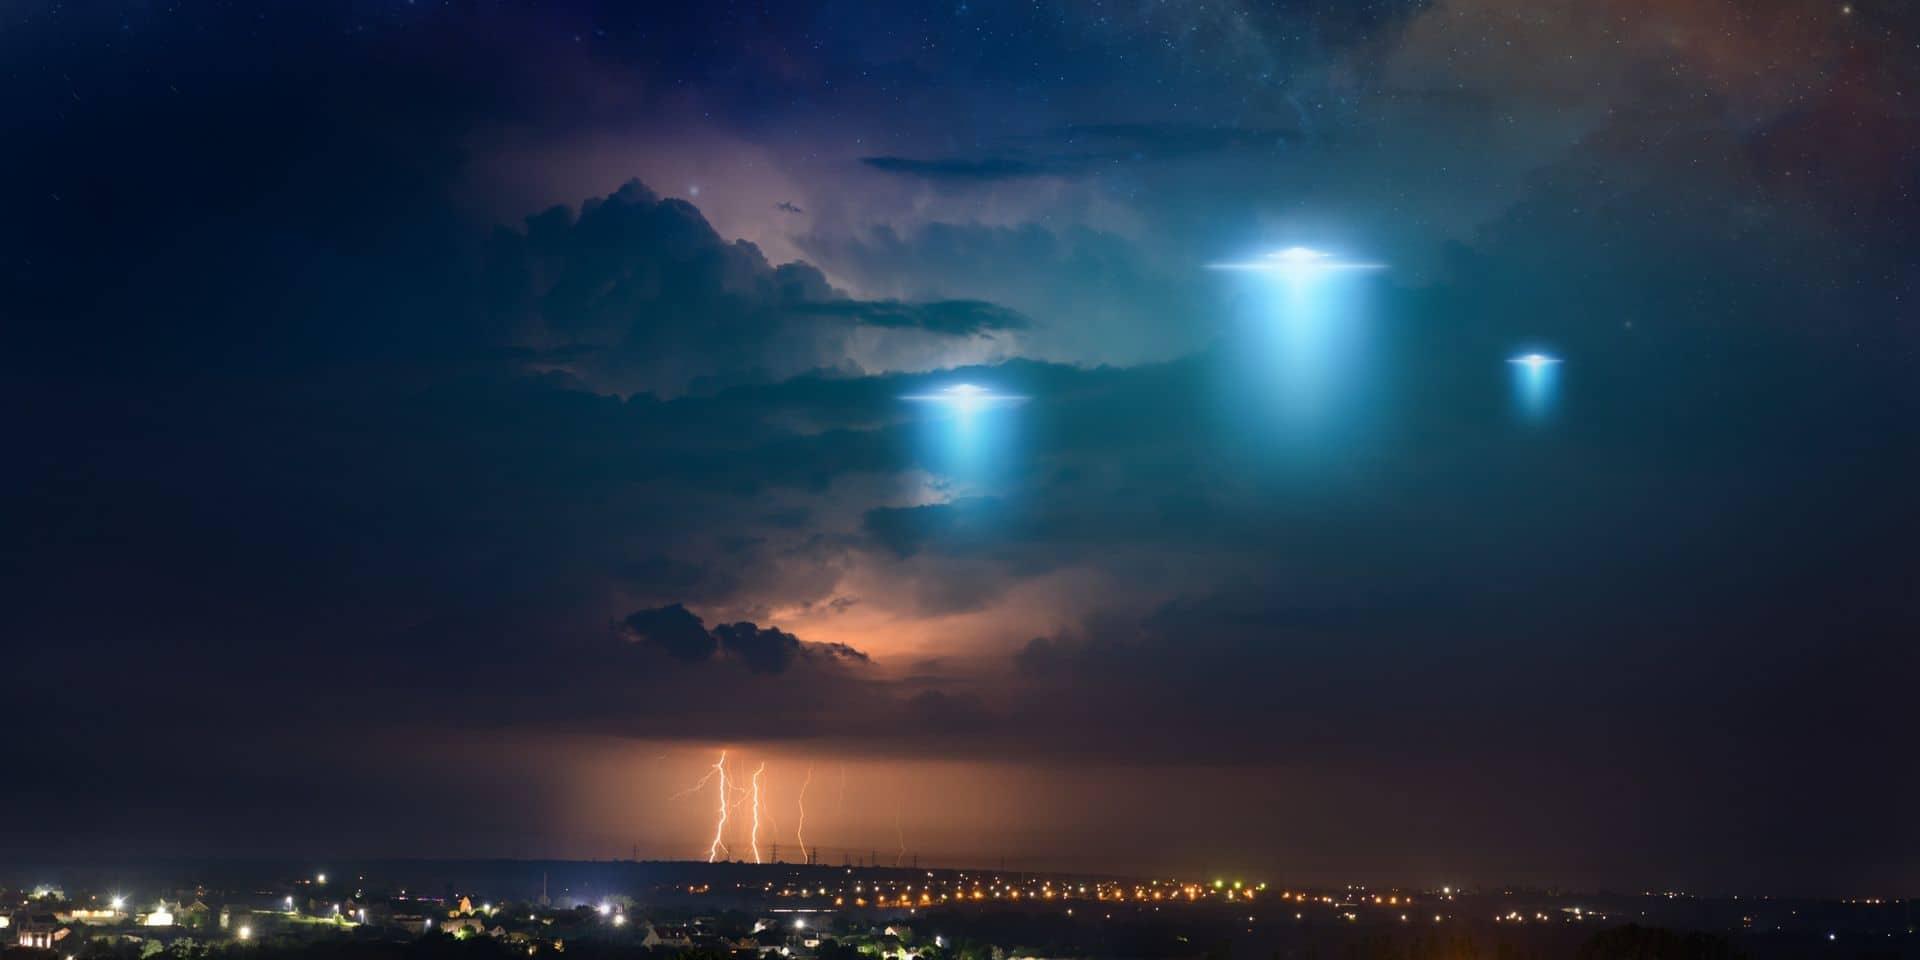 Les extraterrestres existent-ils? Le renseignement américain ne peut trancher